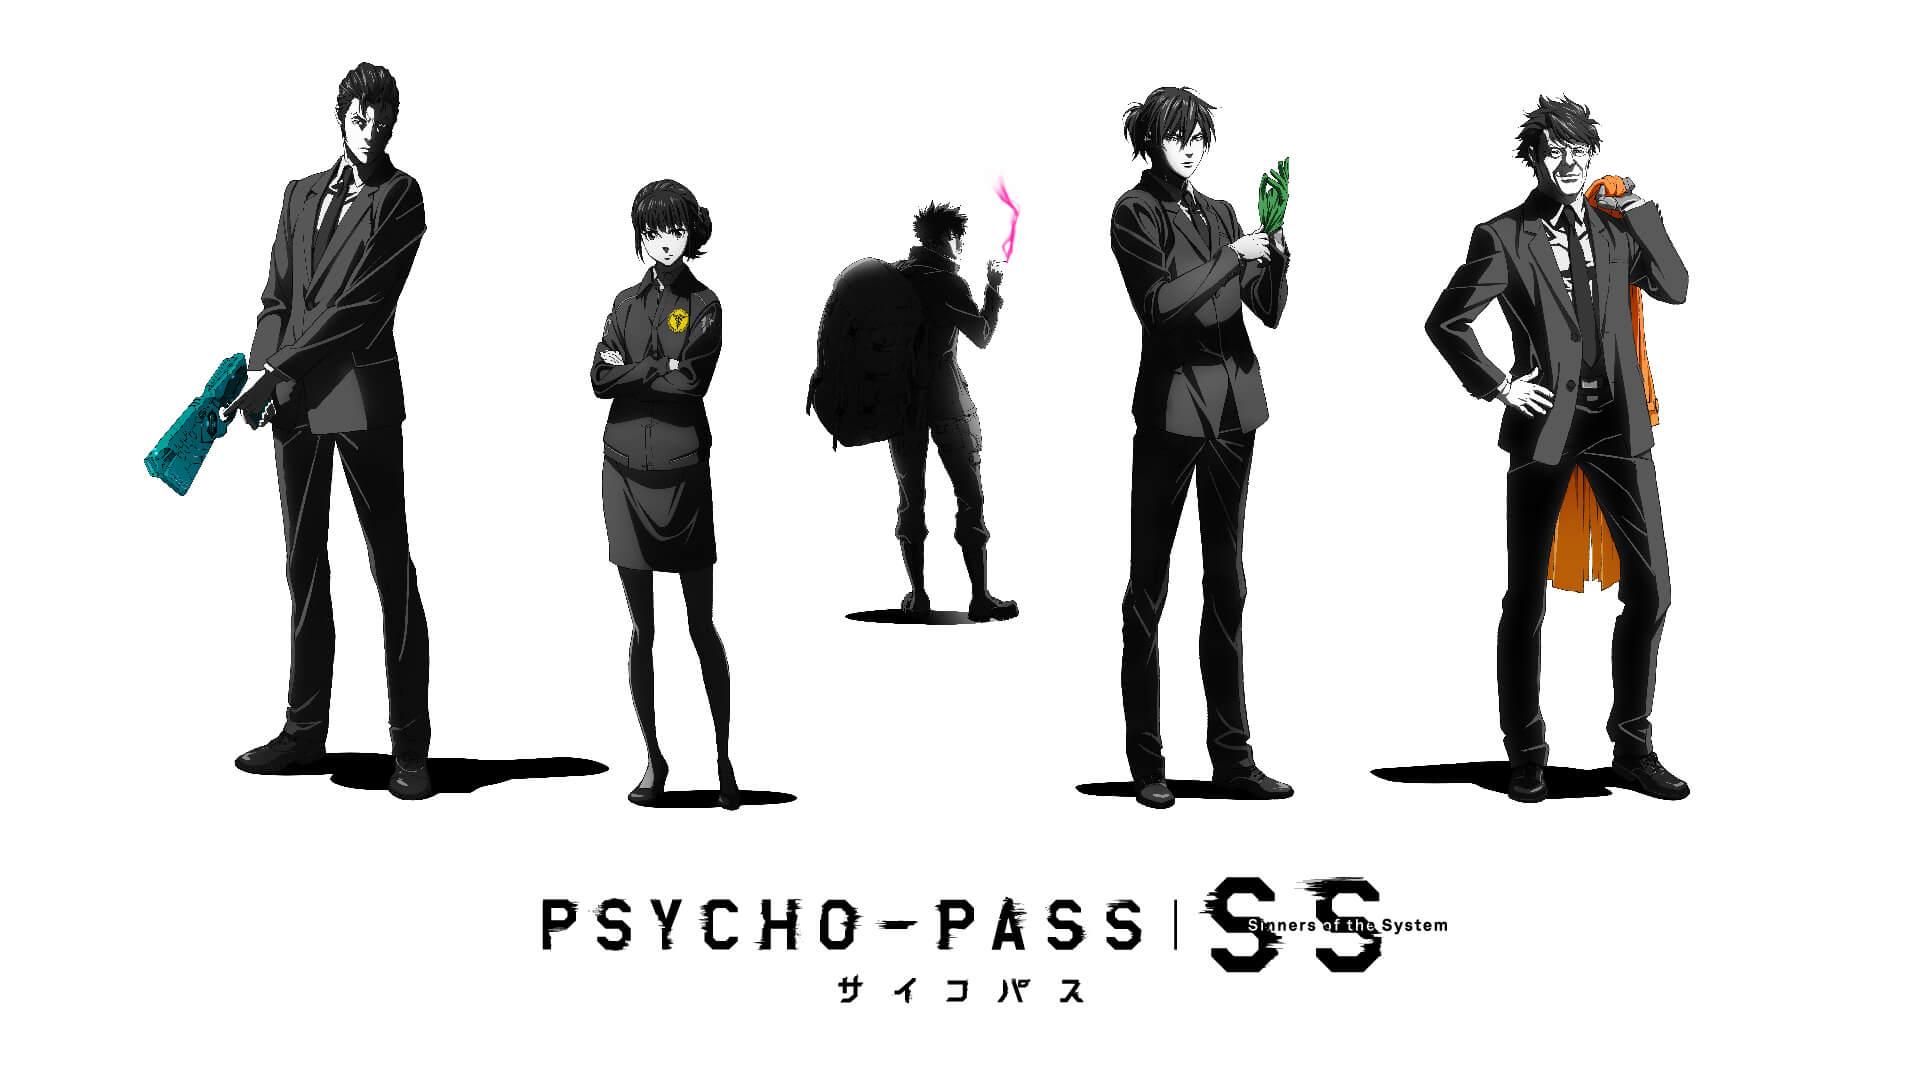 「PSYCHO-PASS心靈判官」公開以5位主要角色為焦點中心的劇場版動畫3部作品 PSYCHO-PASS心靈判官、